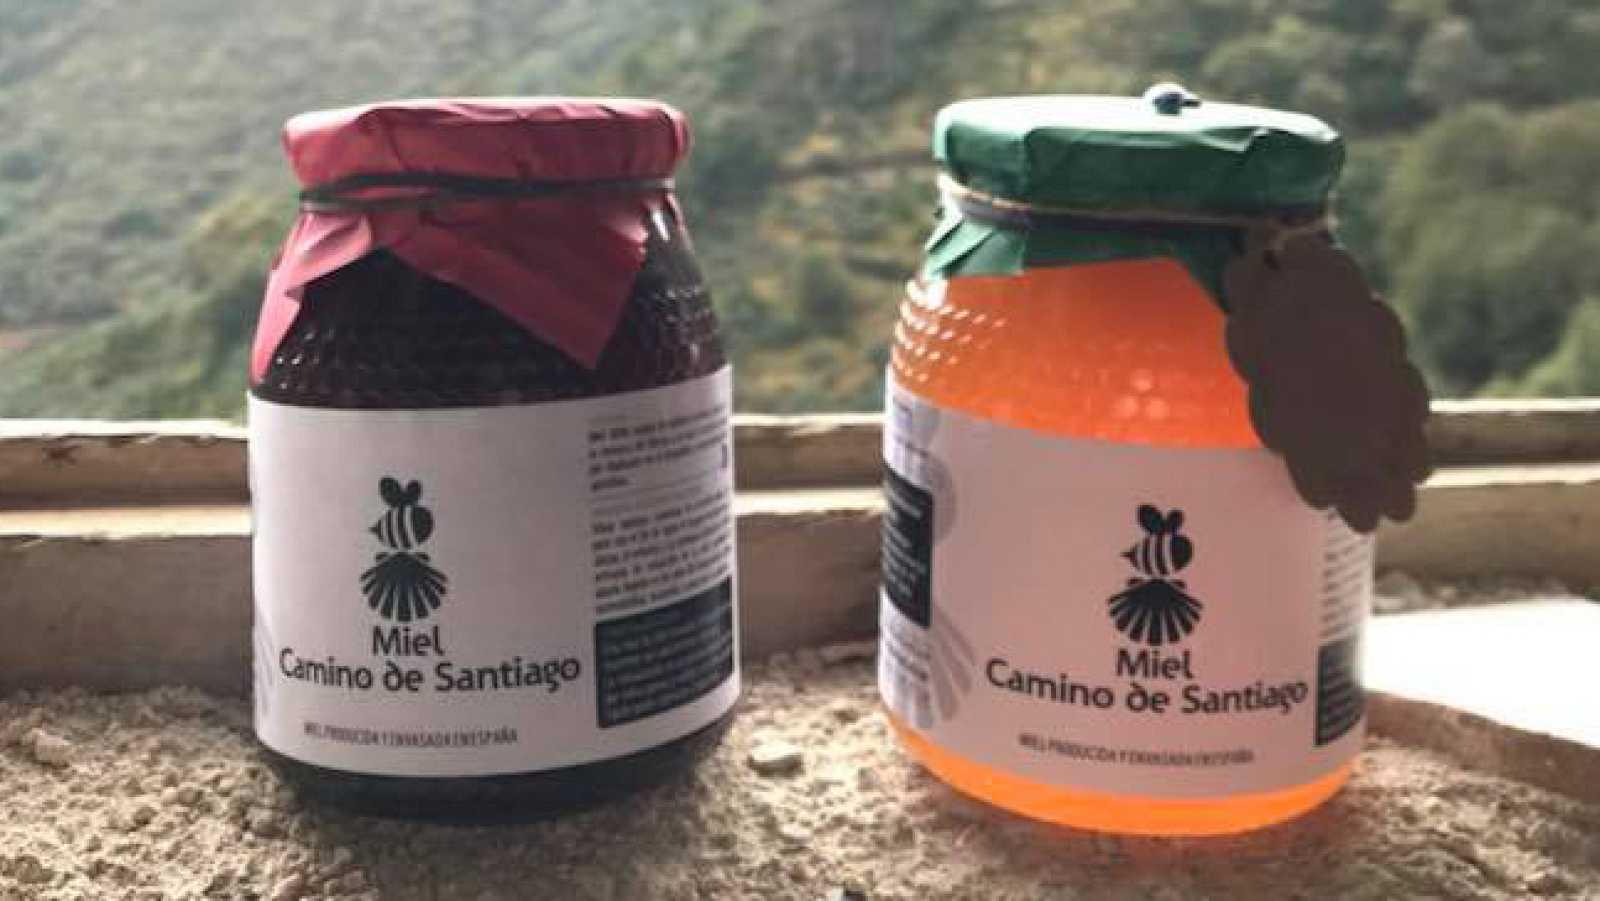 En clave Turismo - Miel Camino de Santiago - 17/12/20 - escuchar ahora